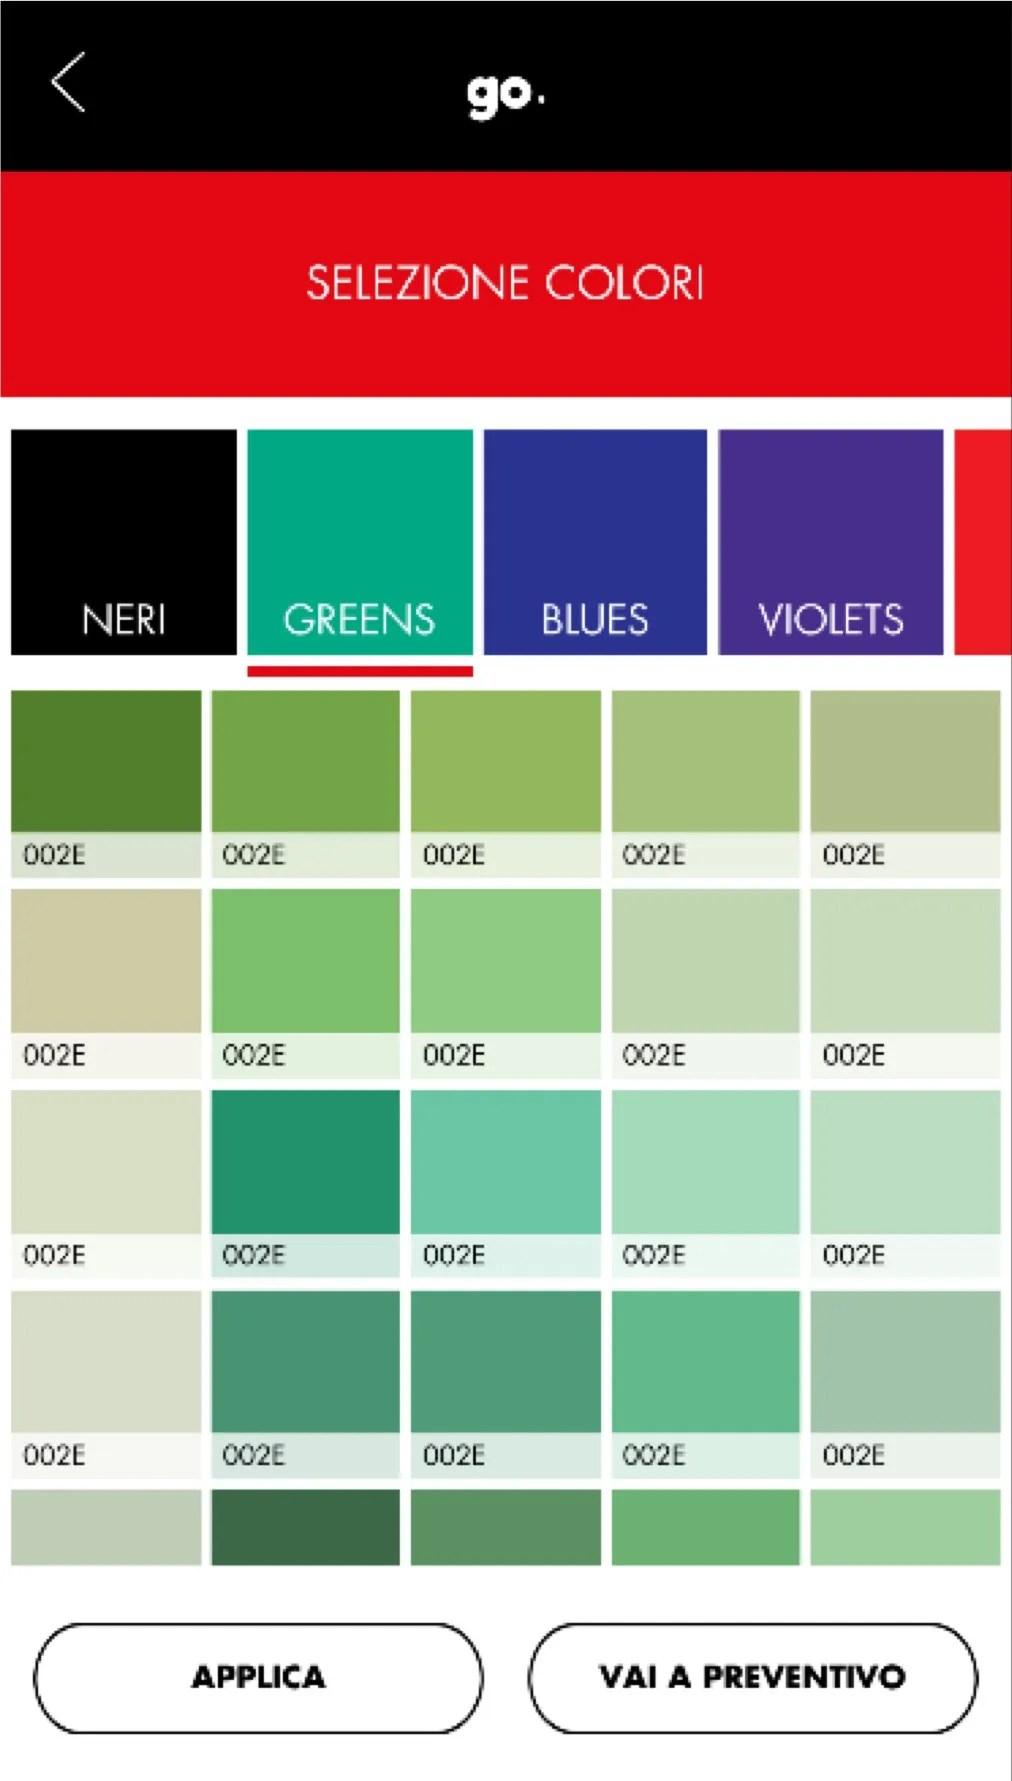 Dipingere le pareti di casa virtualmente. Go Color L App Che Permette Di Applicare Il Colore Alle Pareti Direttamente Da Smartphone